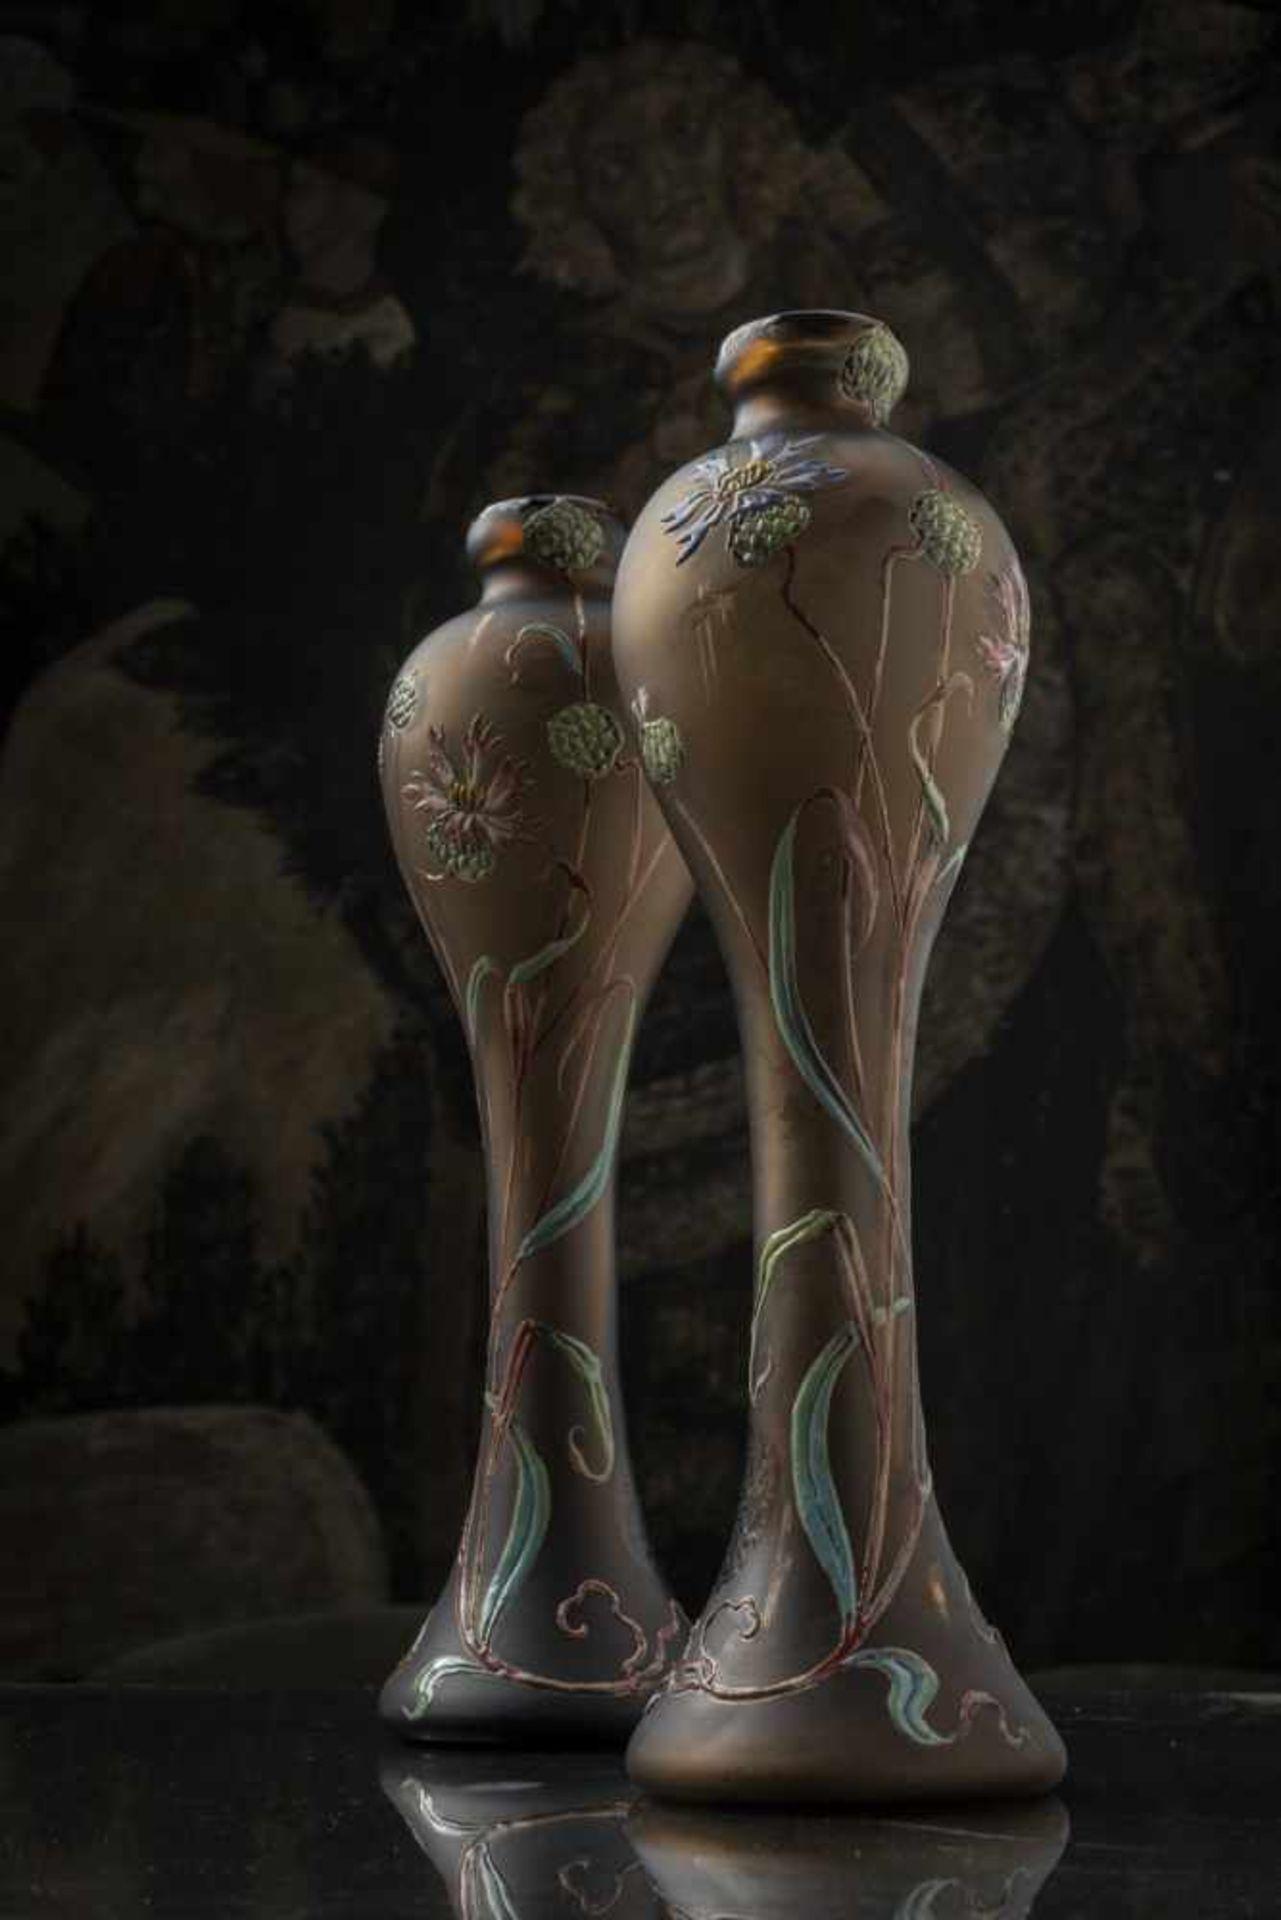 Verrerie d'Art de Lorraine, Burgun Schverer & Cie., Meisenthal, Pair of vases 'Bleuets', c. 1895- - Bild 12 aus 13